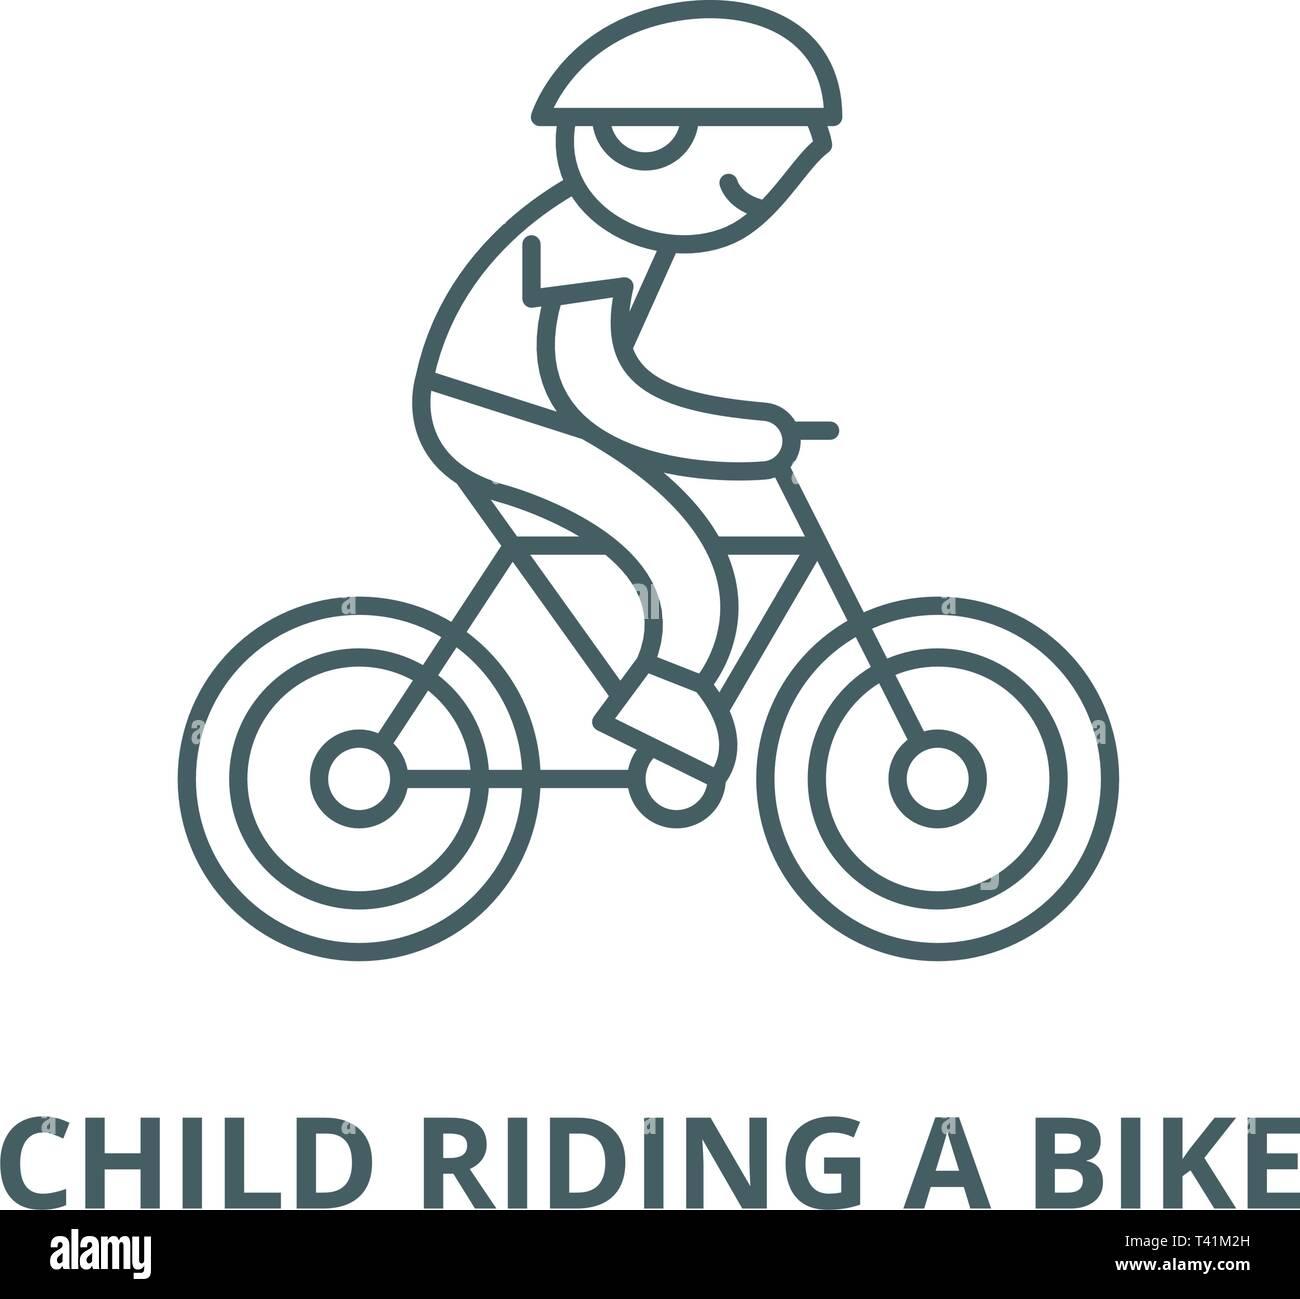 57d8526de9 Riding A Bike Illustration Imágenes De Stock   Riding A Bike ...